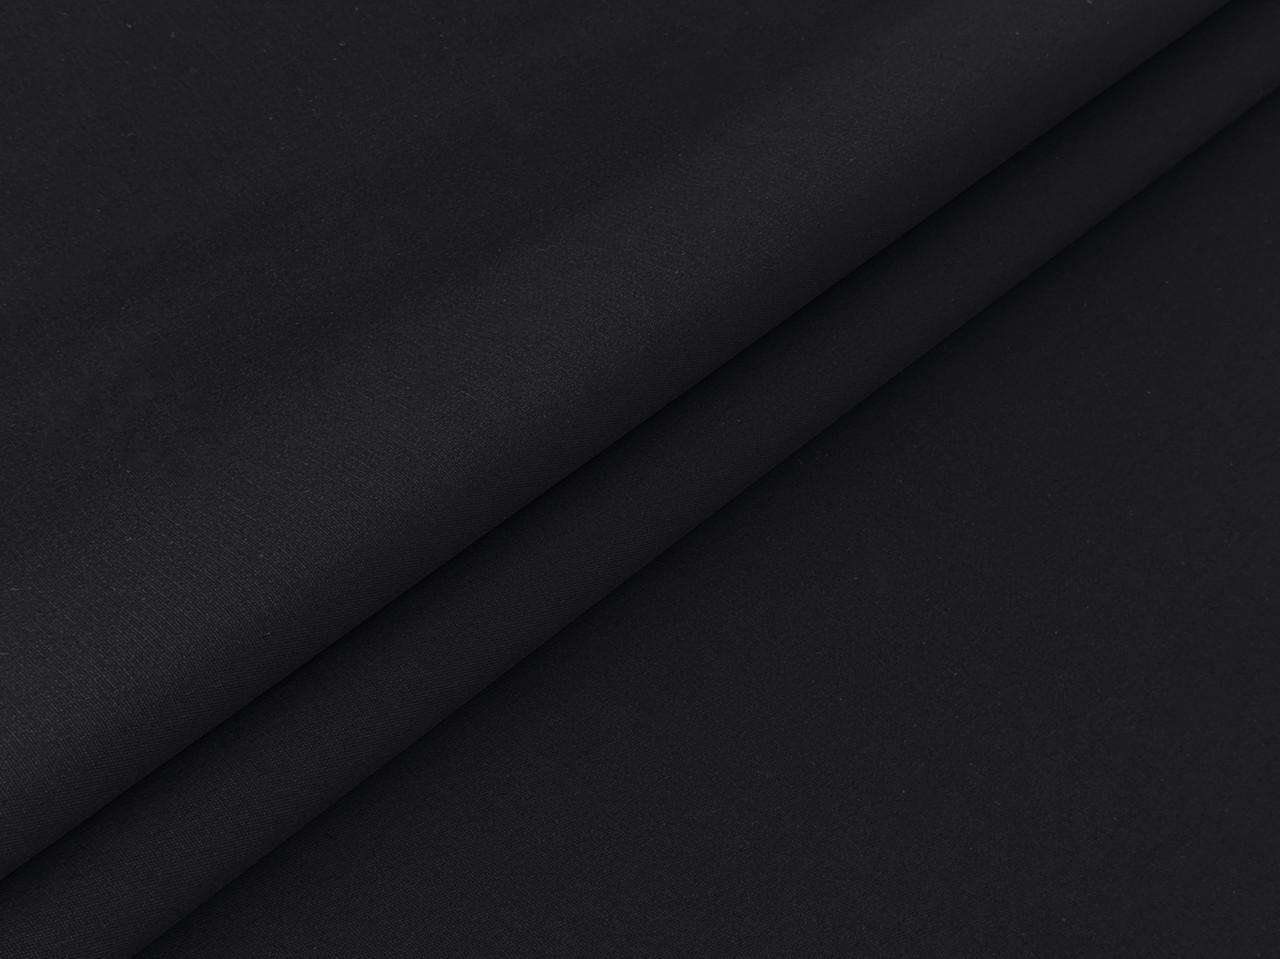 ткань твилл черный